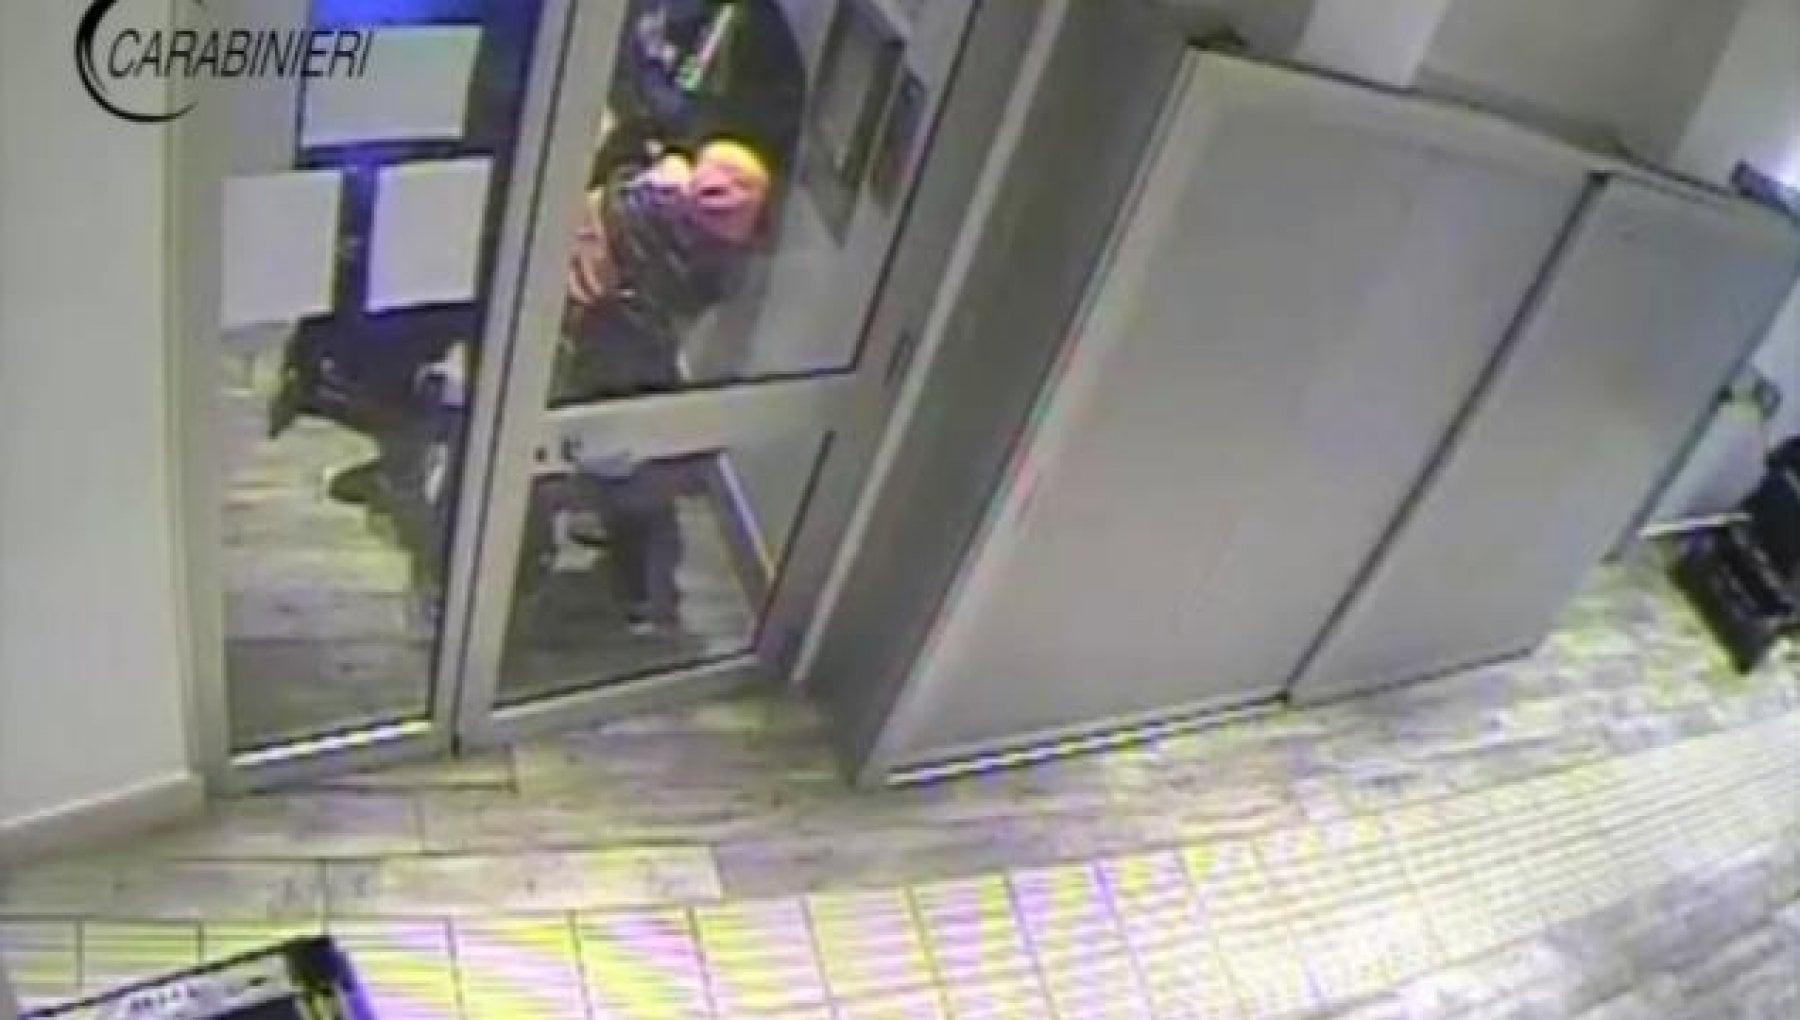 Terni calci e pugni a un disabile per rubargli il portafoglio. Le telecamere filmano la violenza